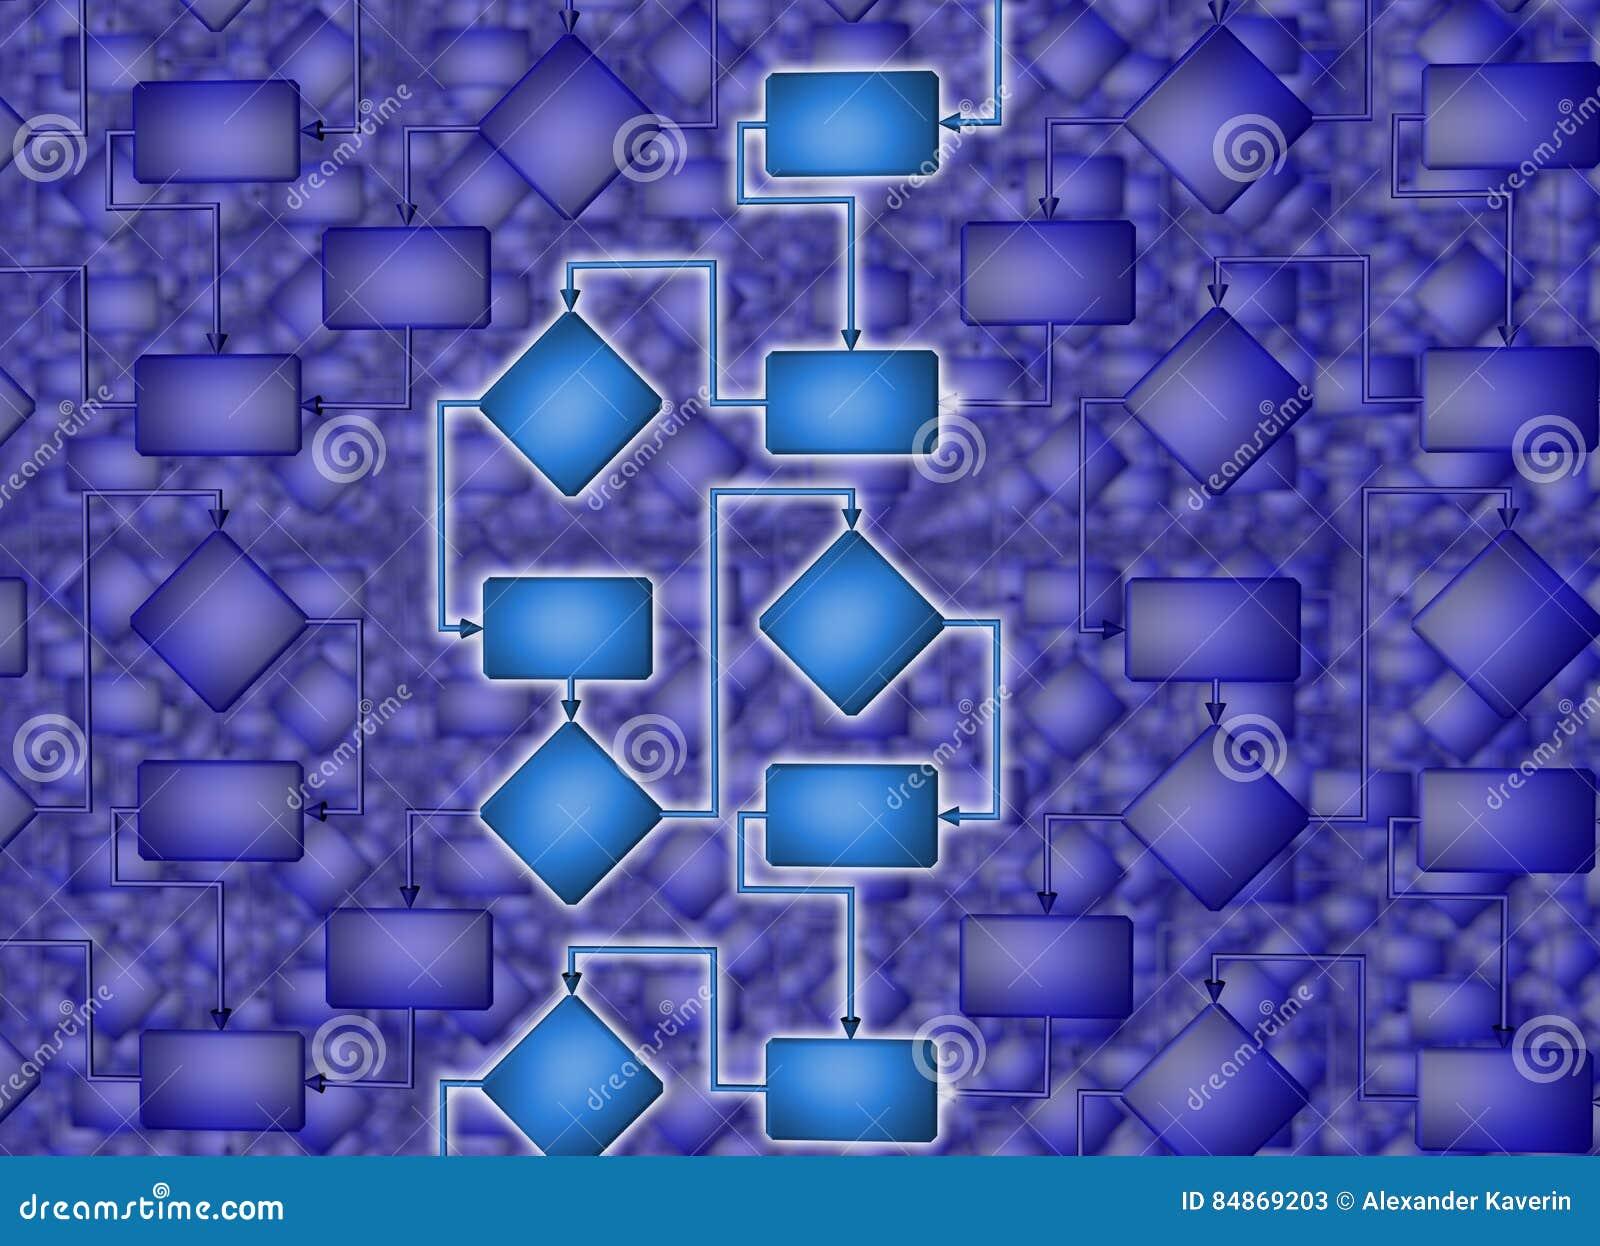 Решение проблемы Правильное решение flowchart иллюстрация 3d